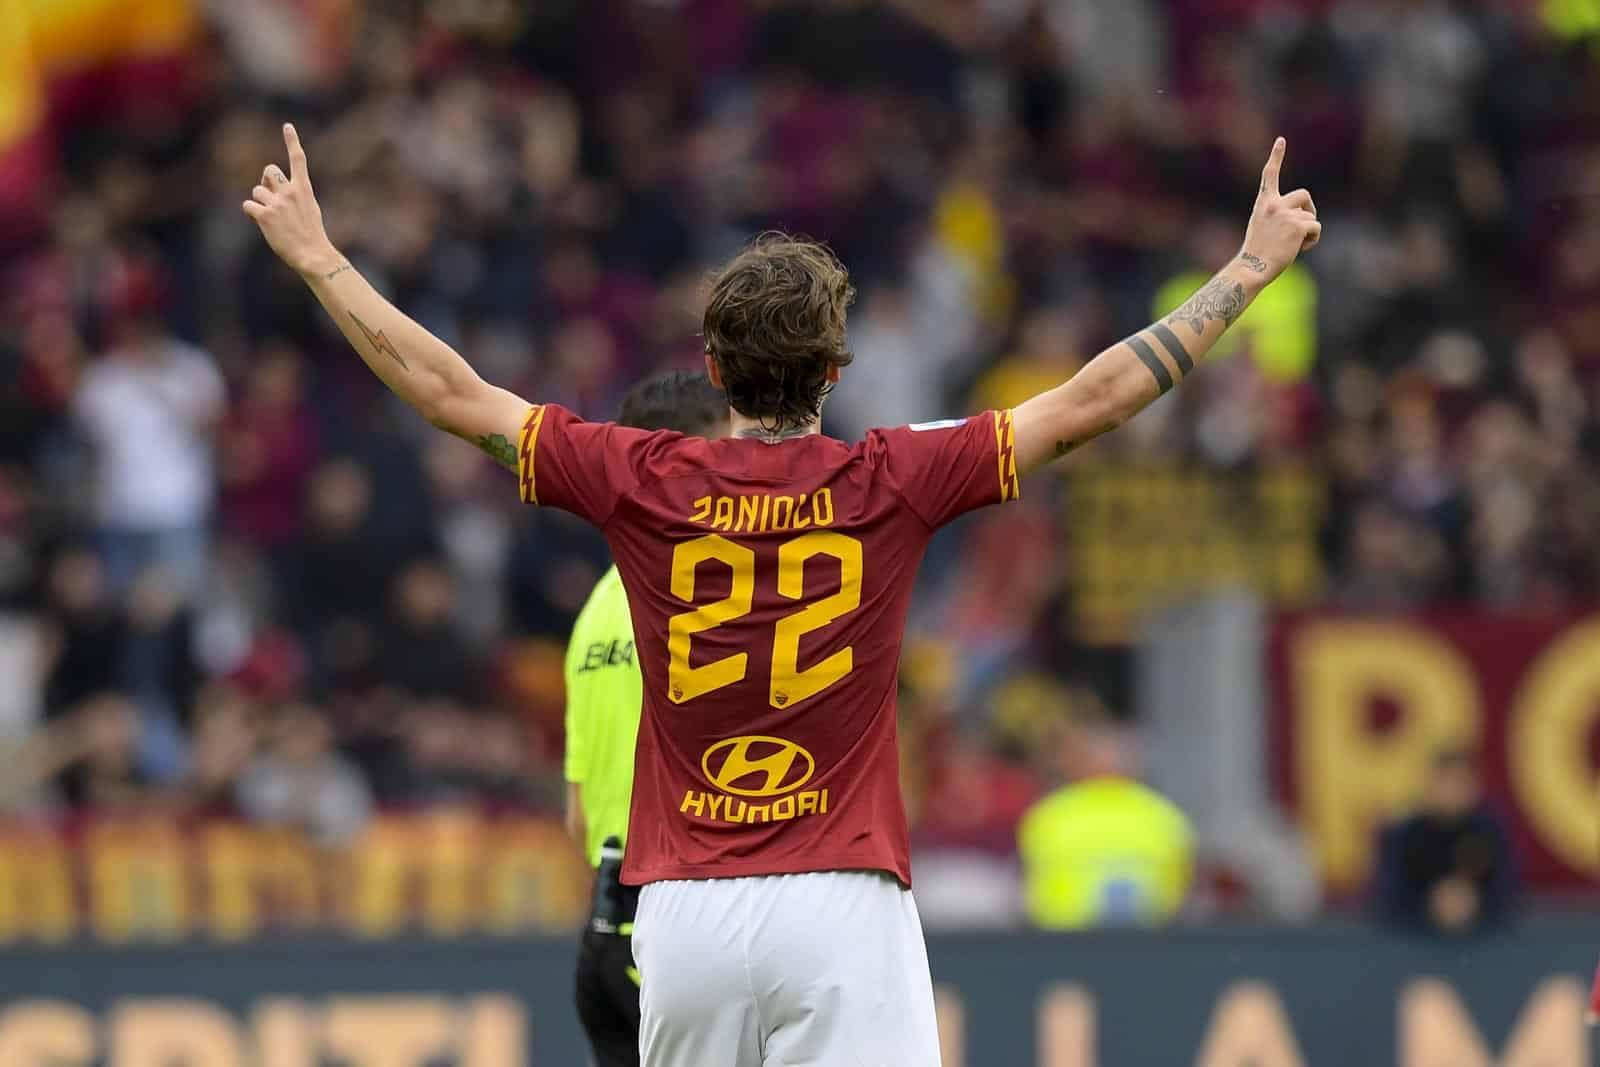 Nicolò Zaniolo esulta dopo il gol realizzato contro il Milan allo stadio Olimpico di Roma